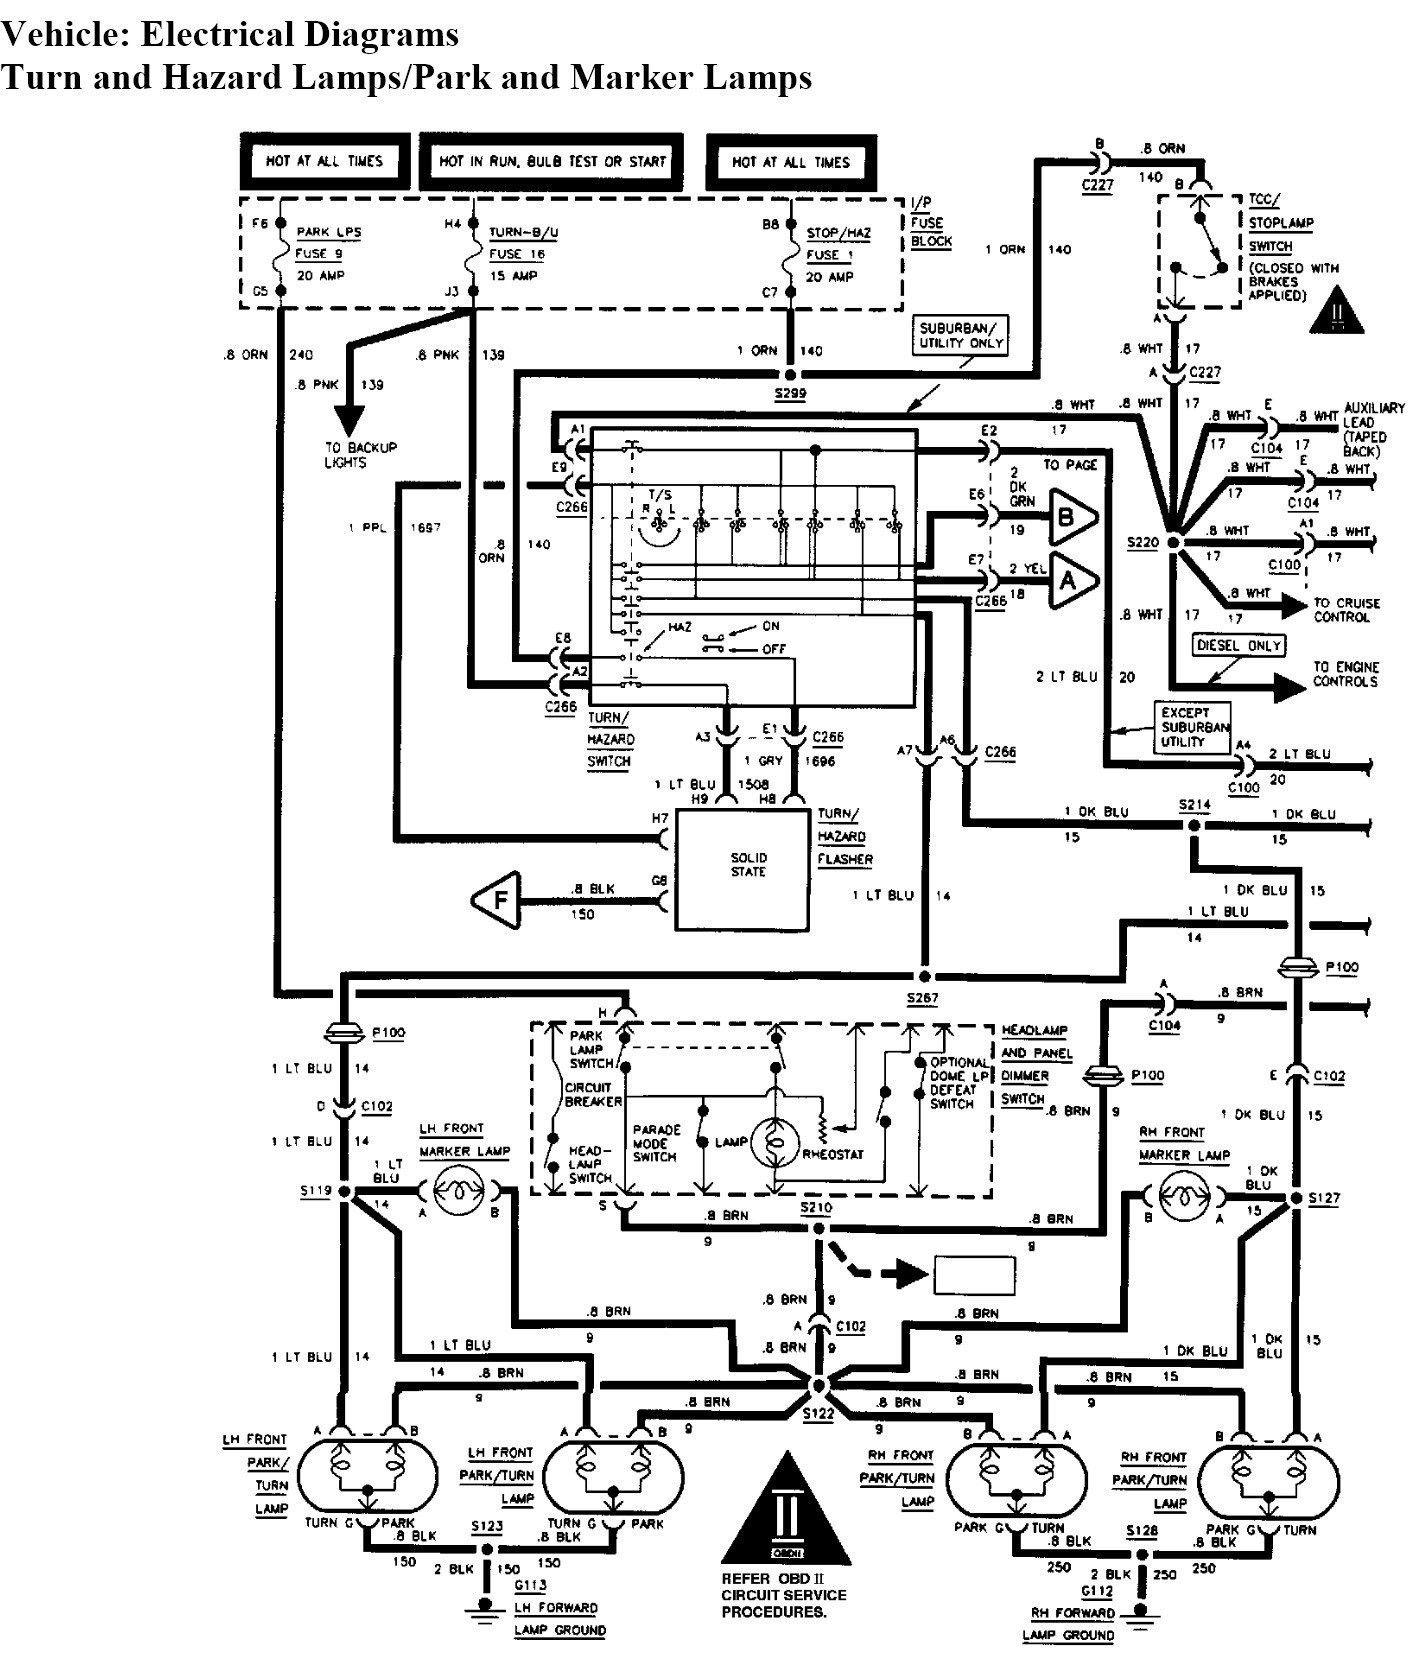 2000 Chevy Silverado Brake Light Switch Wiring Diagram Light Switch Wiring Diagram Chevy Silverado